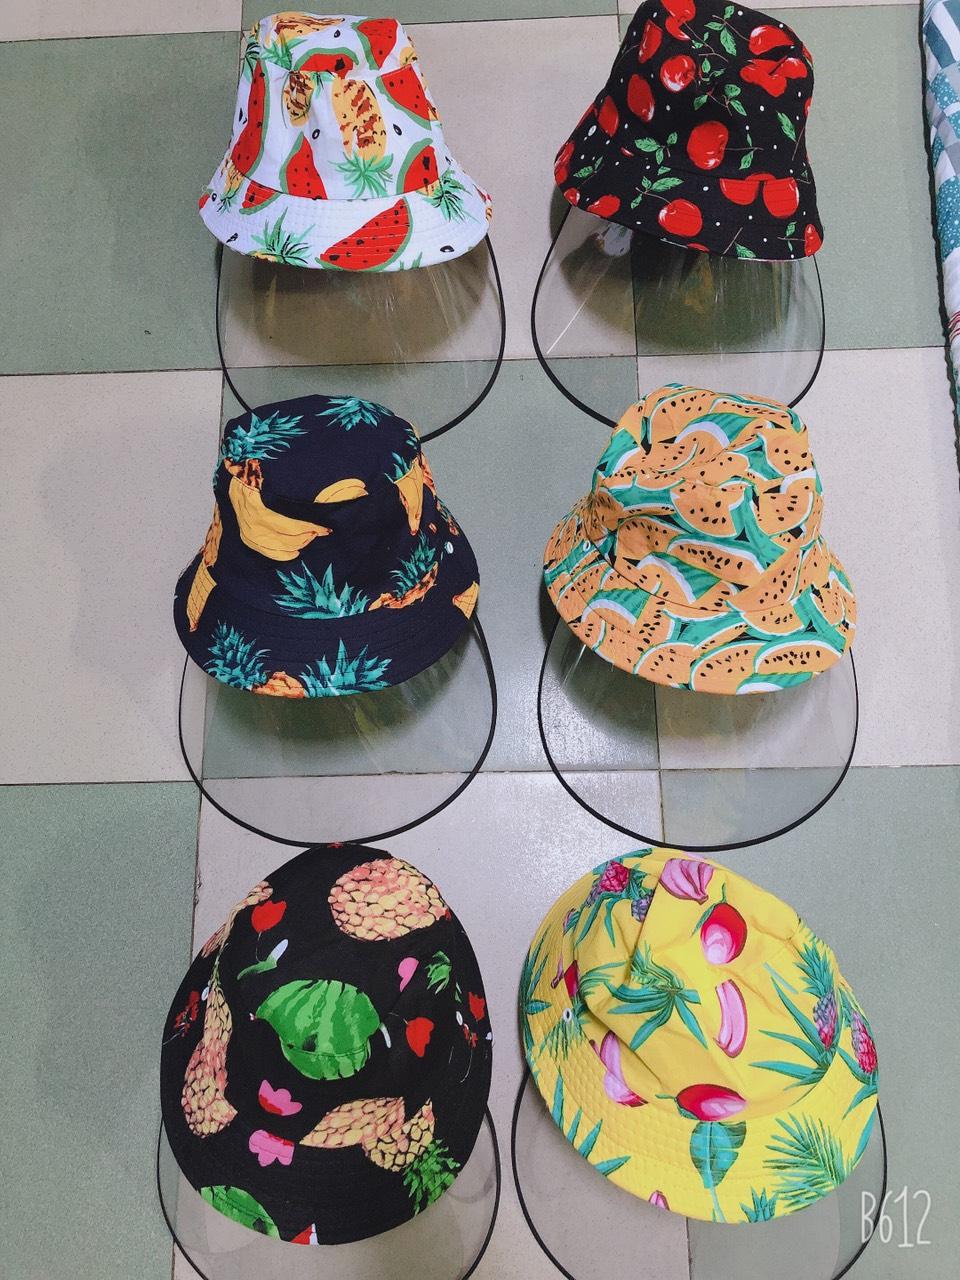 Mũ chống corona mẫu trái cây 4 mùa đang được mọi người ưa chuộng đặt mua nhiều.